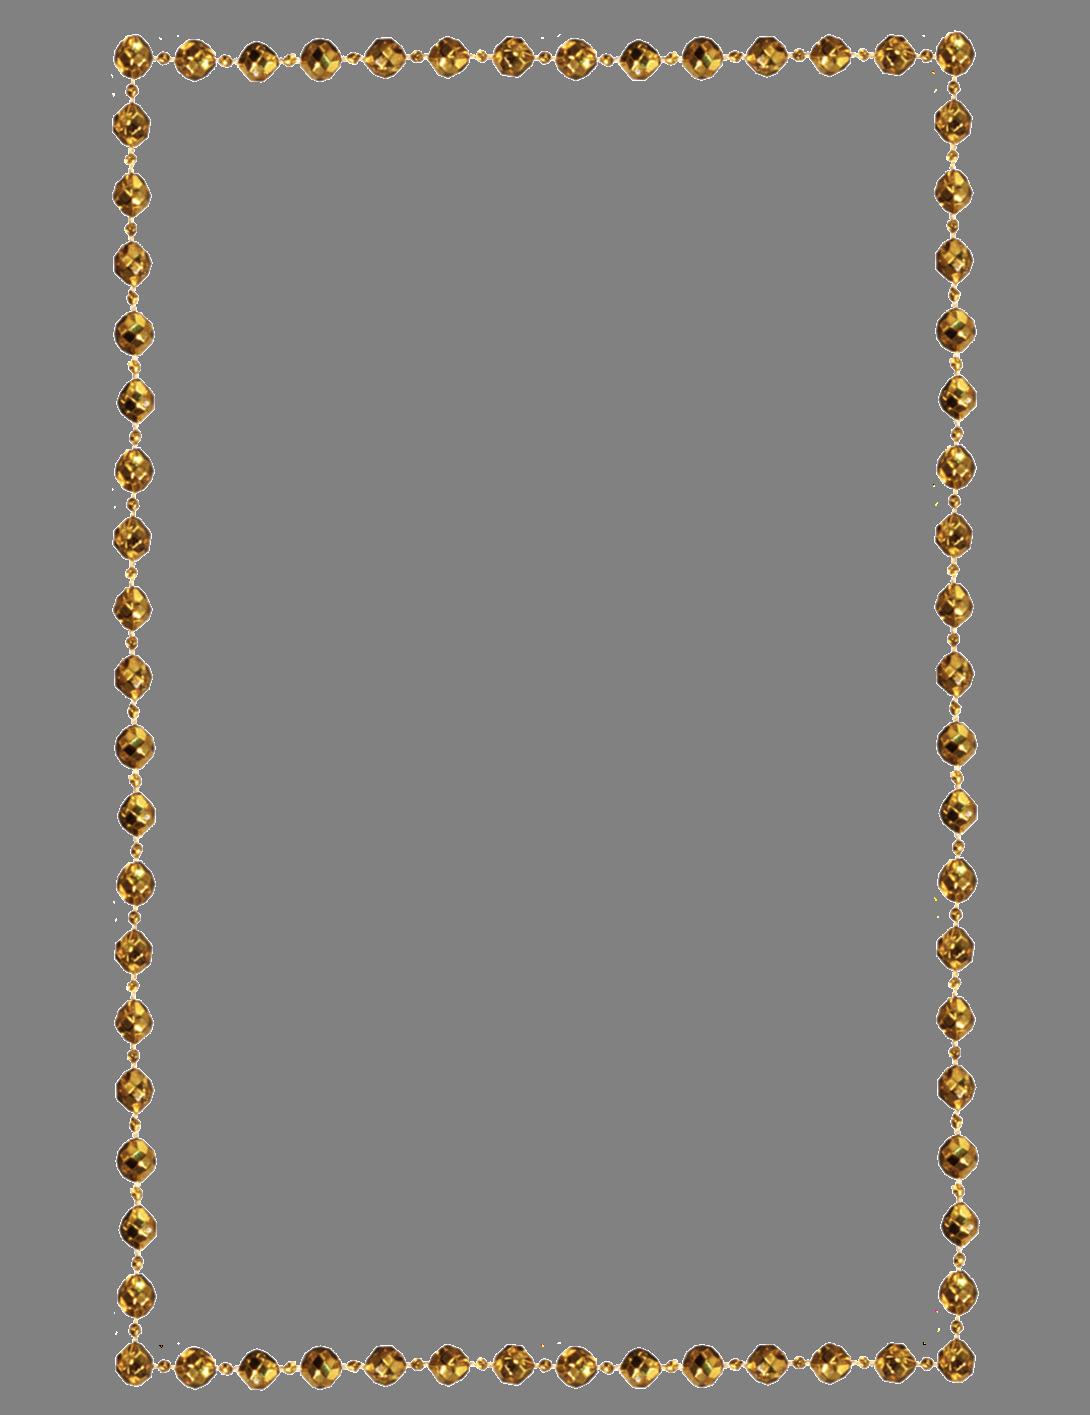 Золотые рамки: kira-scrap.ru/dir/ramki_po_cvetam/zolotye_ramki/1/374-1-0-2729